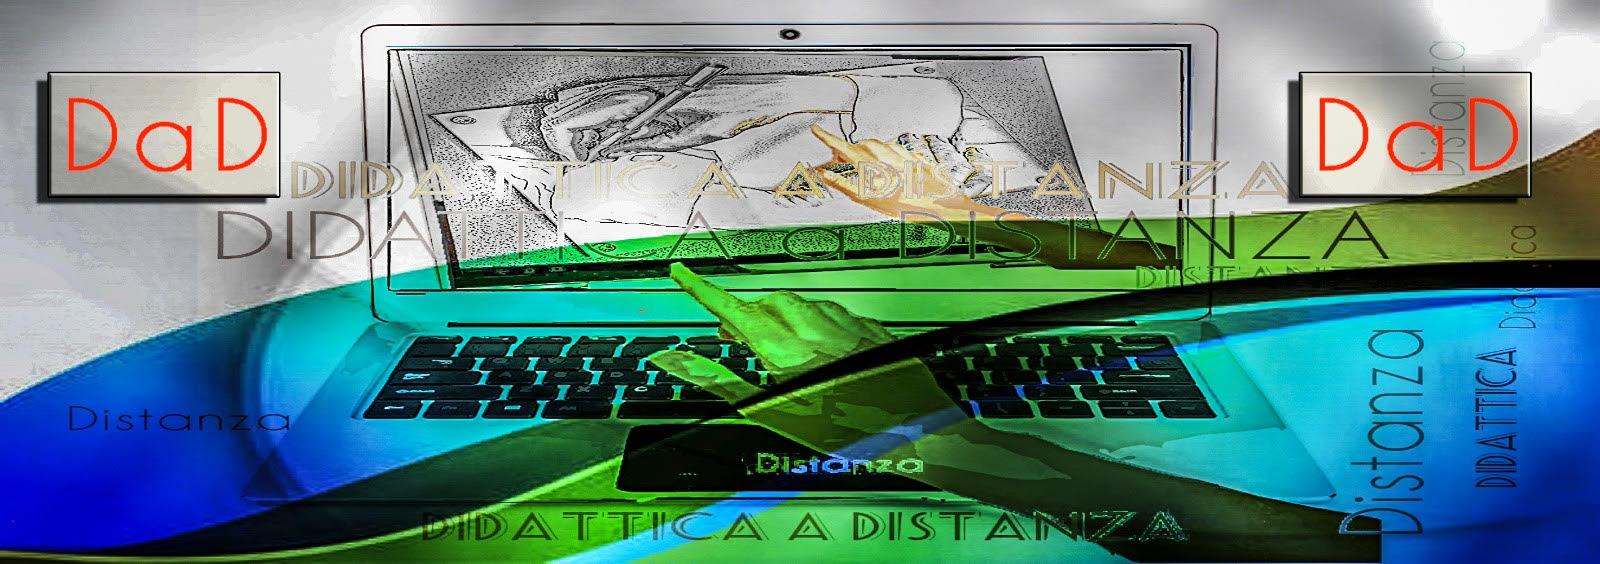 Matematica a distanza. Report di un'esperienza.